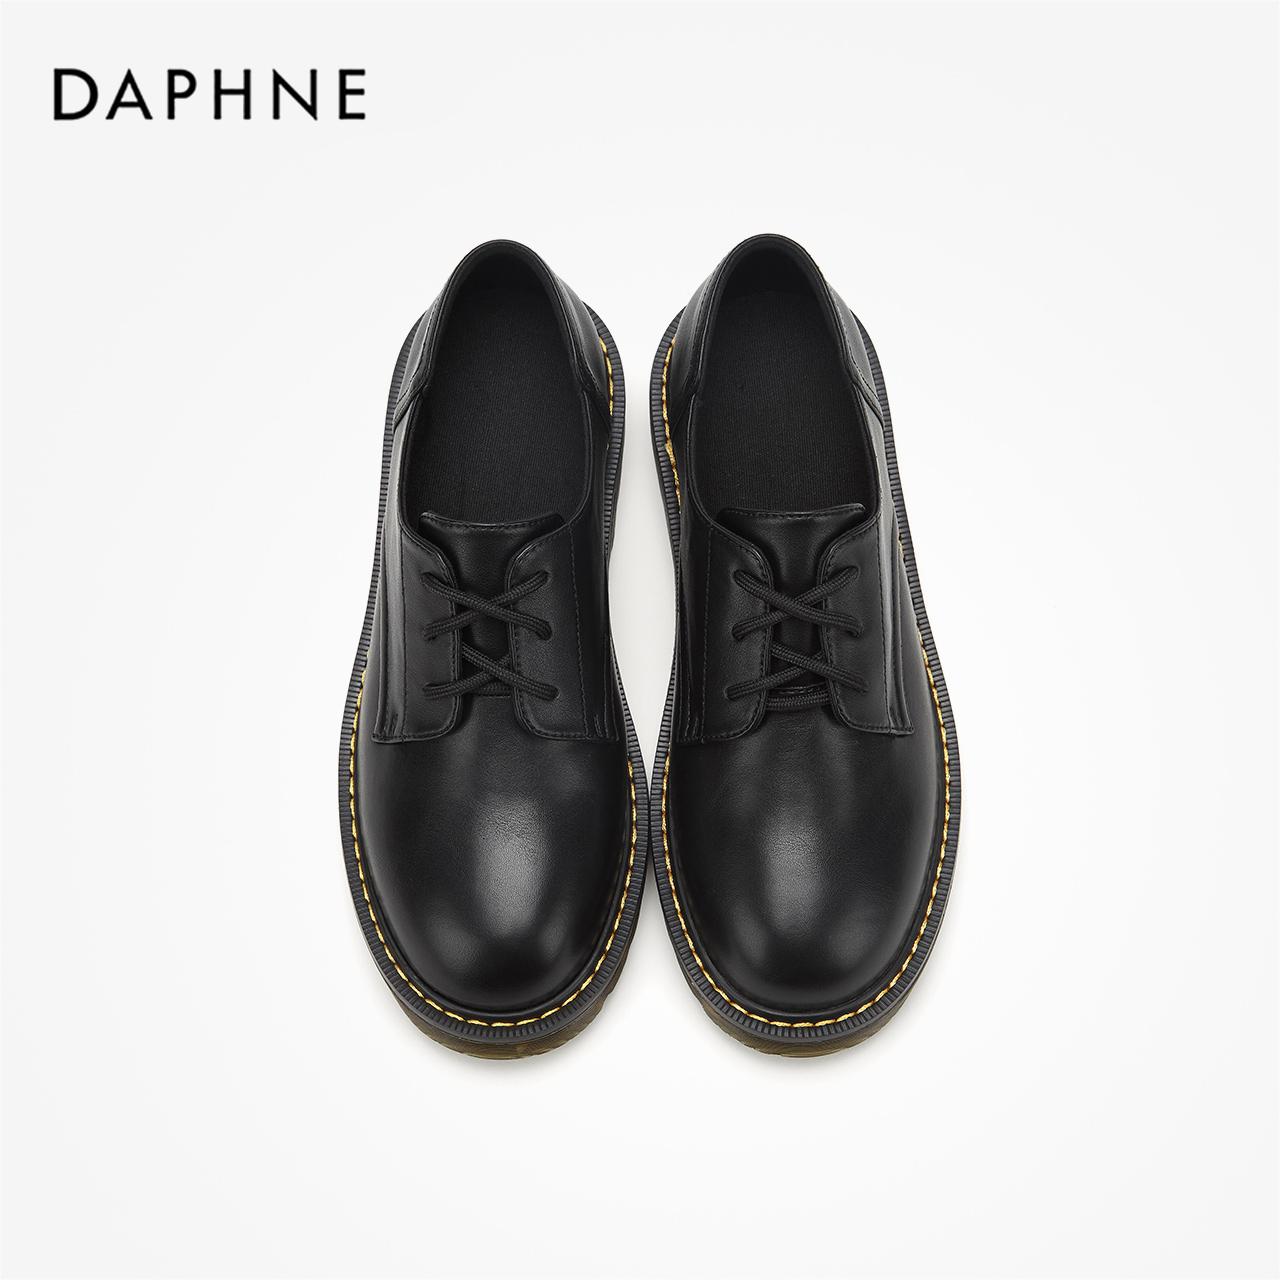 秋摩登通勤英伦沙漠靴圆头牛筋底休闲短靴 2019 达芙妮 Daphne